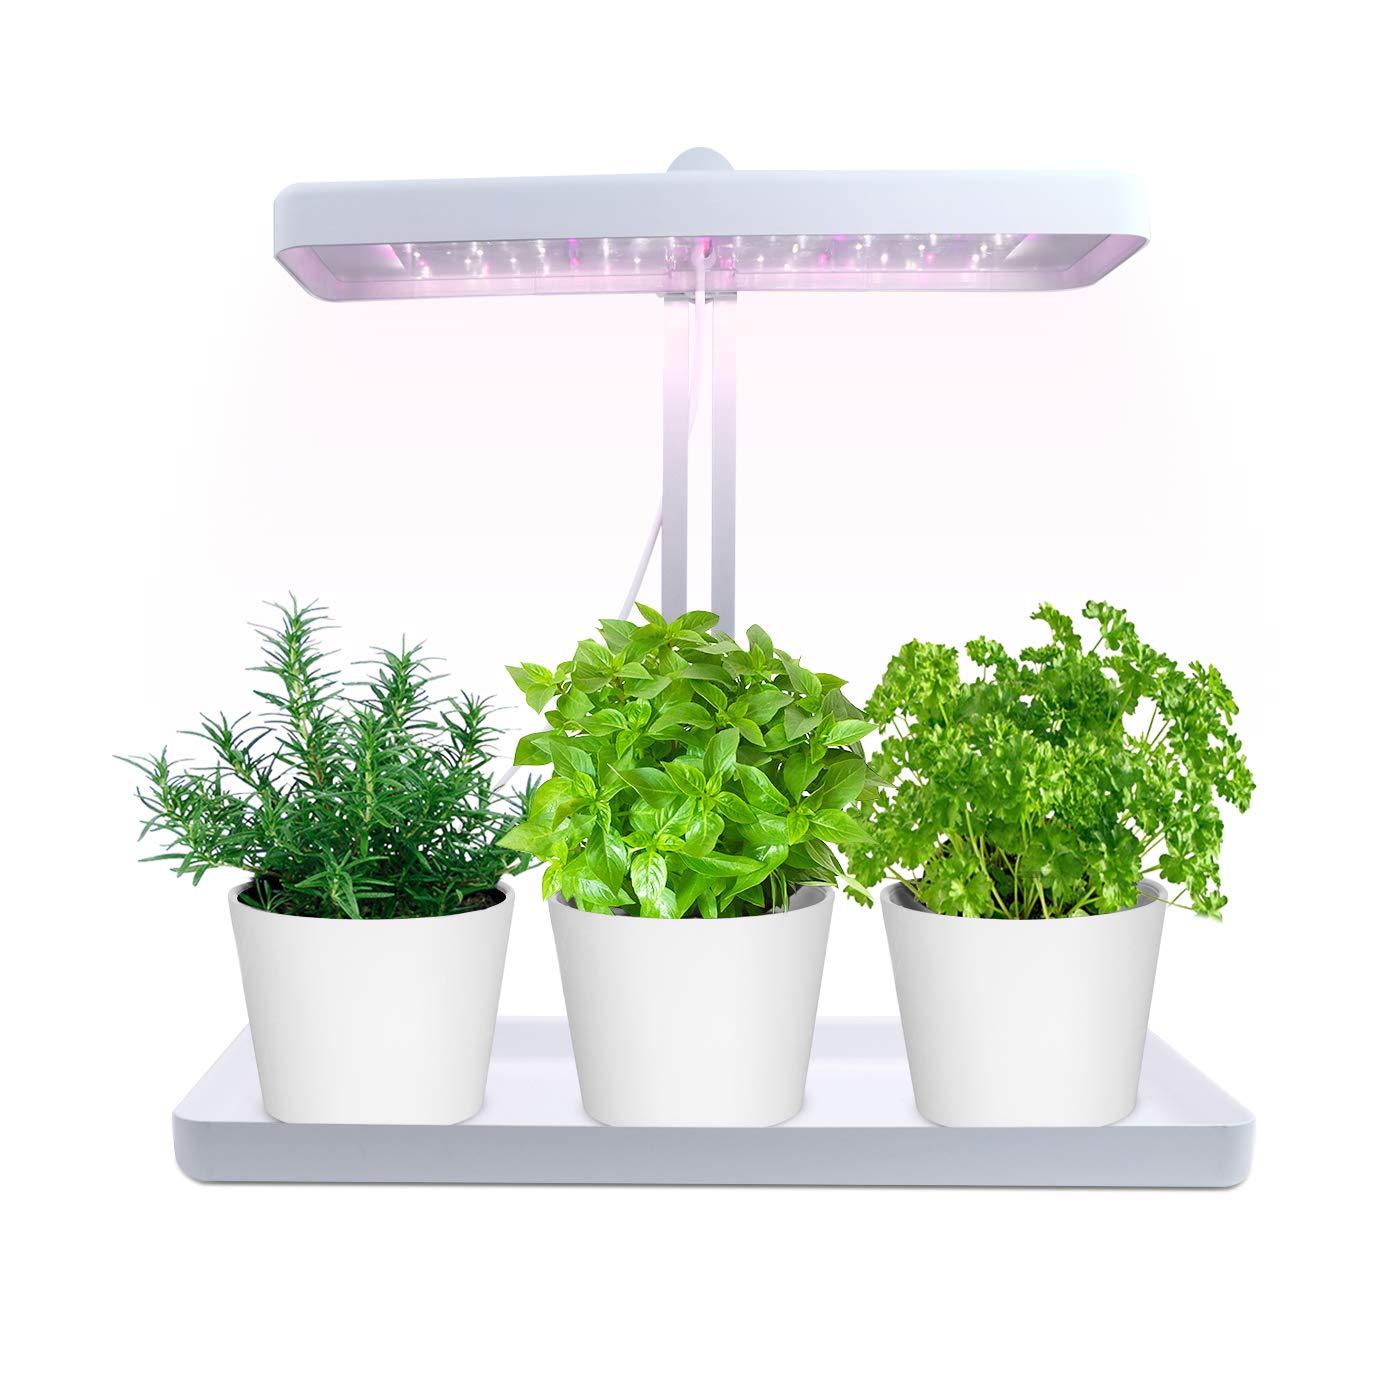 Igrowtek Indoor Smart Herb Garden Led Grow Light For Herb